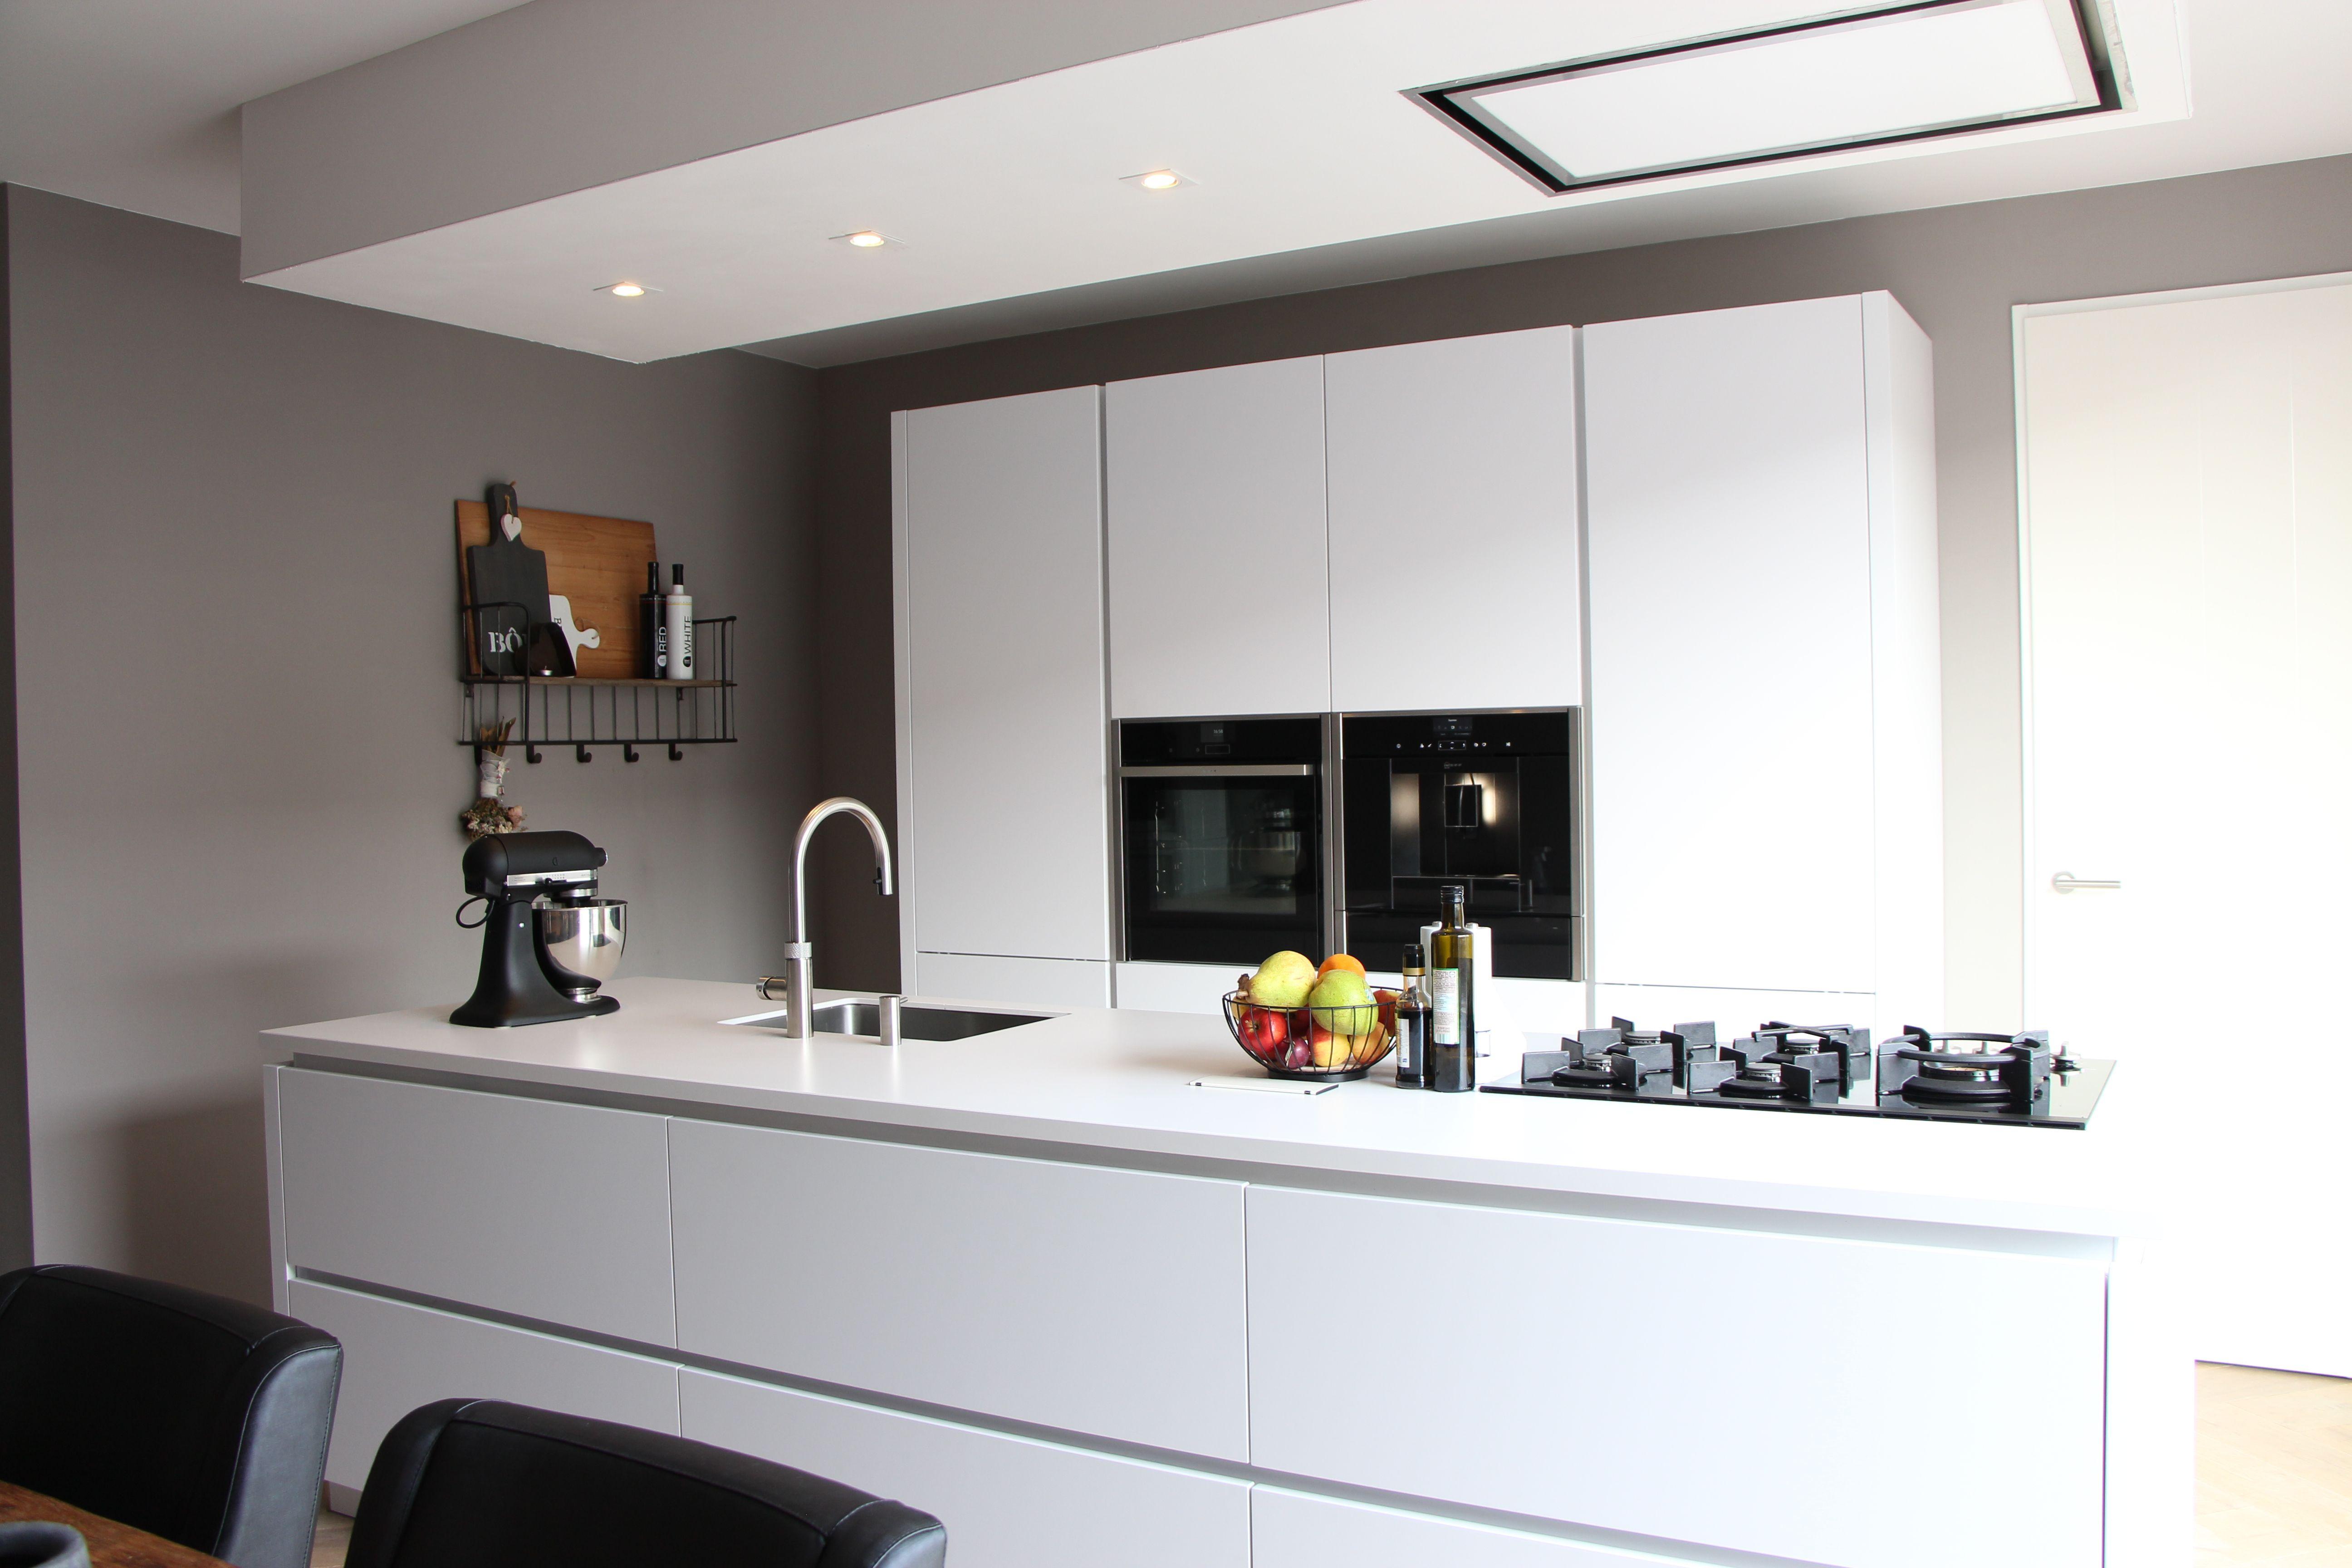 Greeploze Witte Keuken : Een greeploze keuken met hoogglans witte fronten en composiet